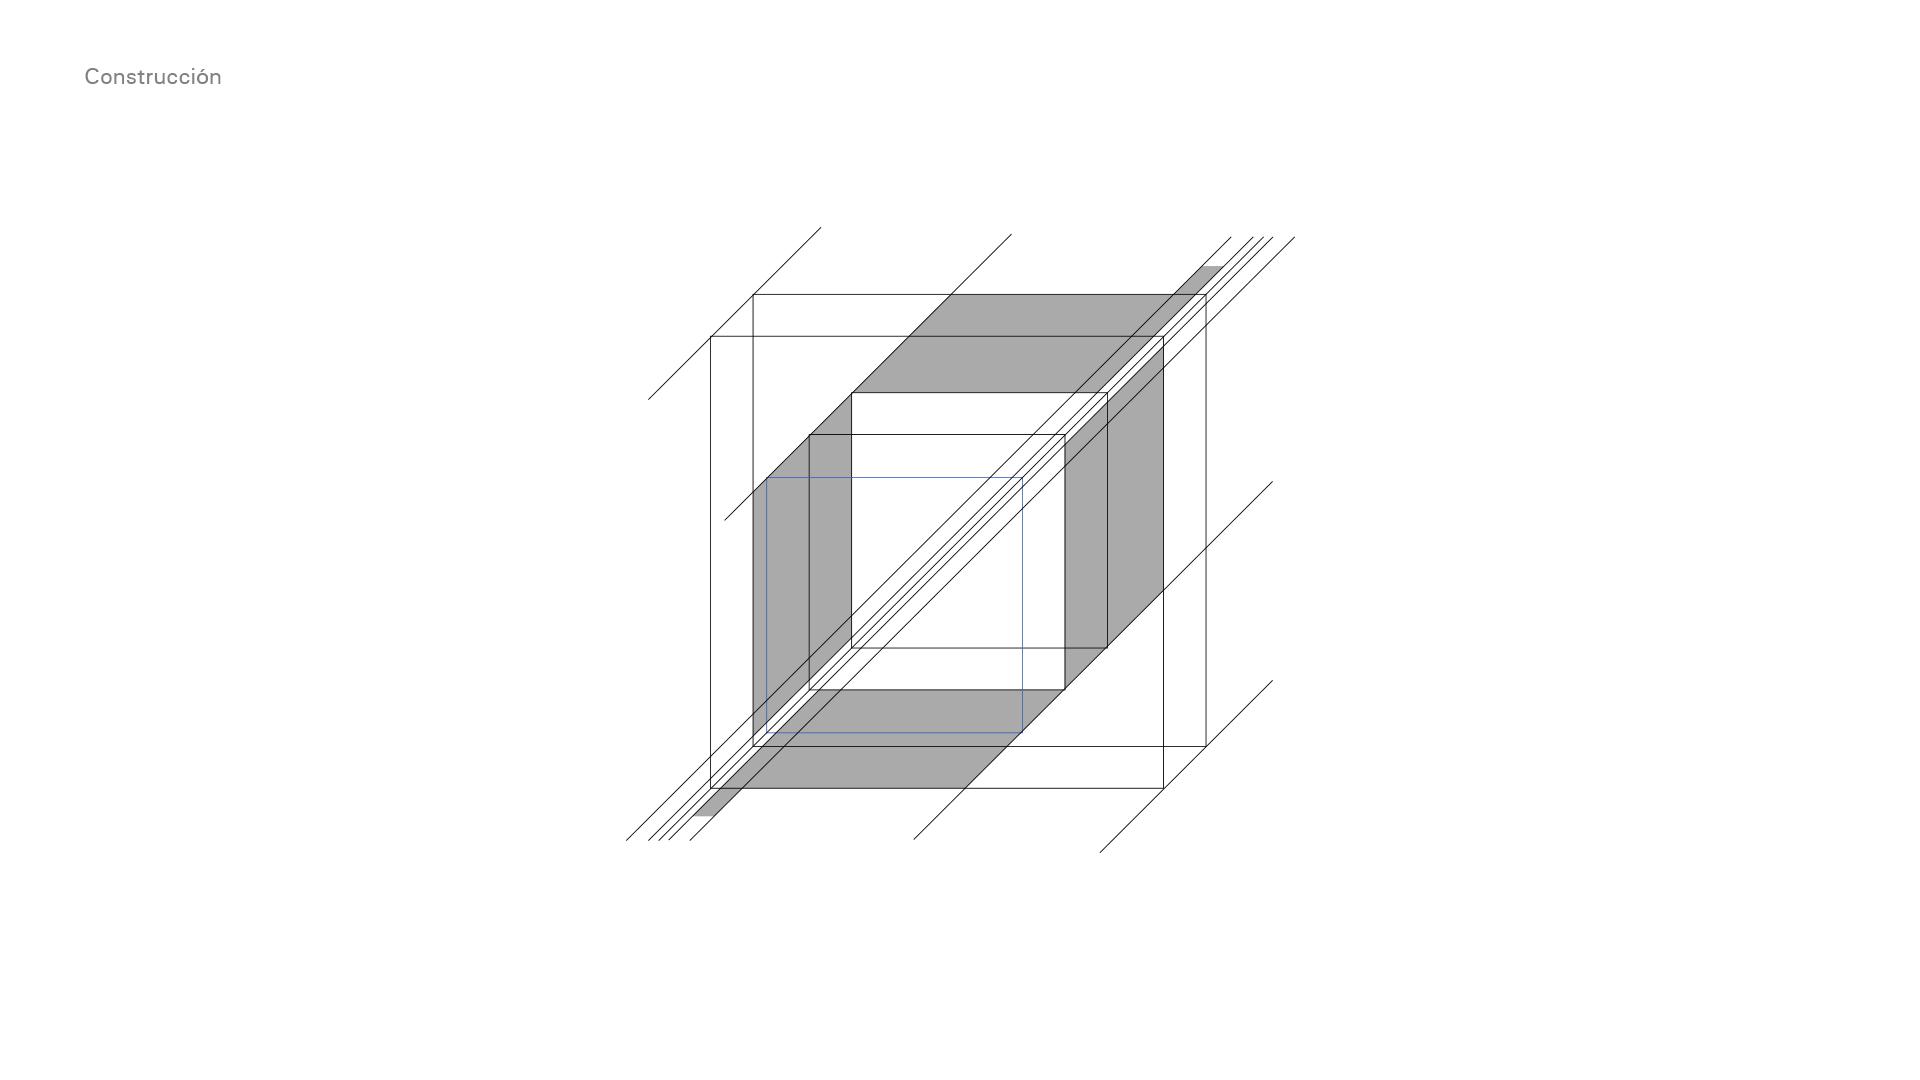 Identidad-corporativa-tectronix-contruccion-logo